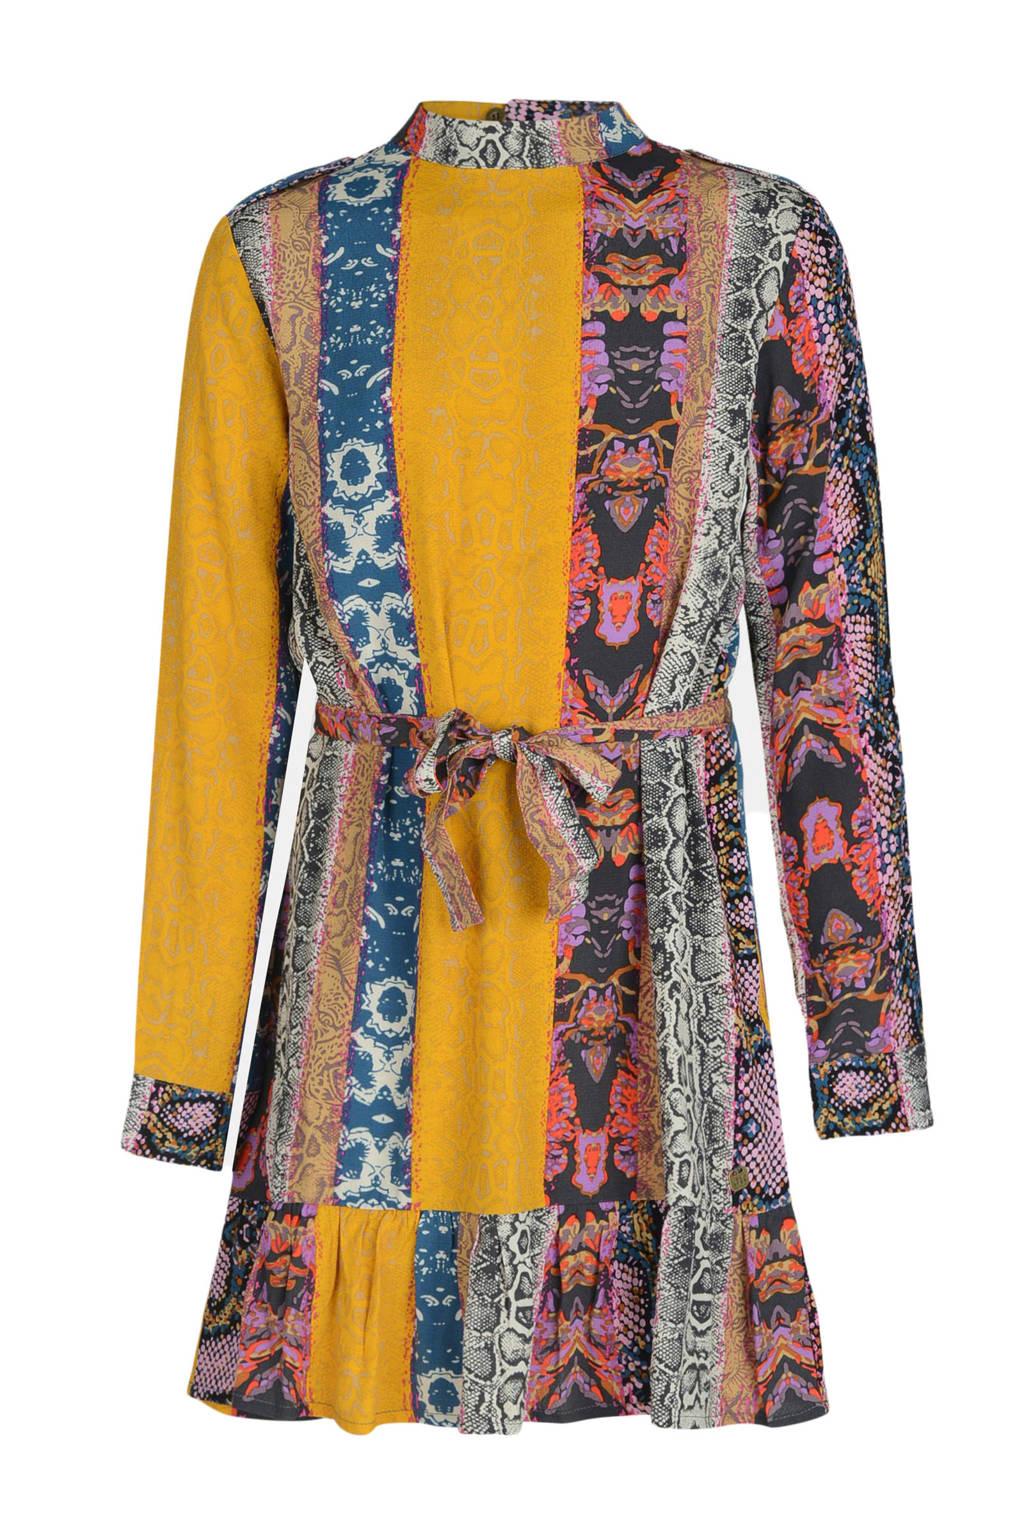 Jill & Mitch by Shoeby A-lijn jurk met all over print oker/paars/blauw/bruin, Oker/paars/blauw/bruin